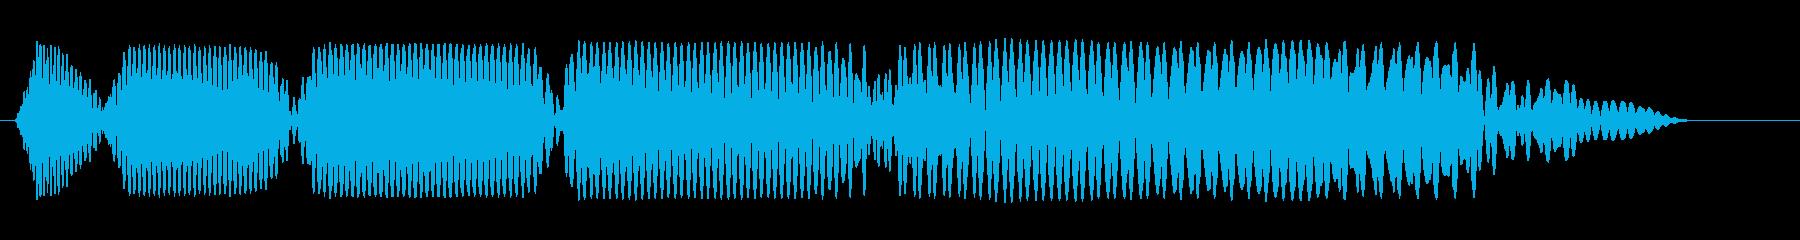 【ドゥーン】爆発直前の力が集中していく音の再生済みの波形